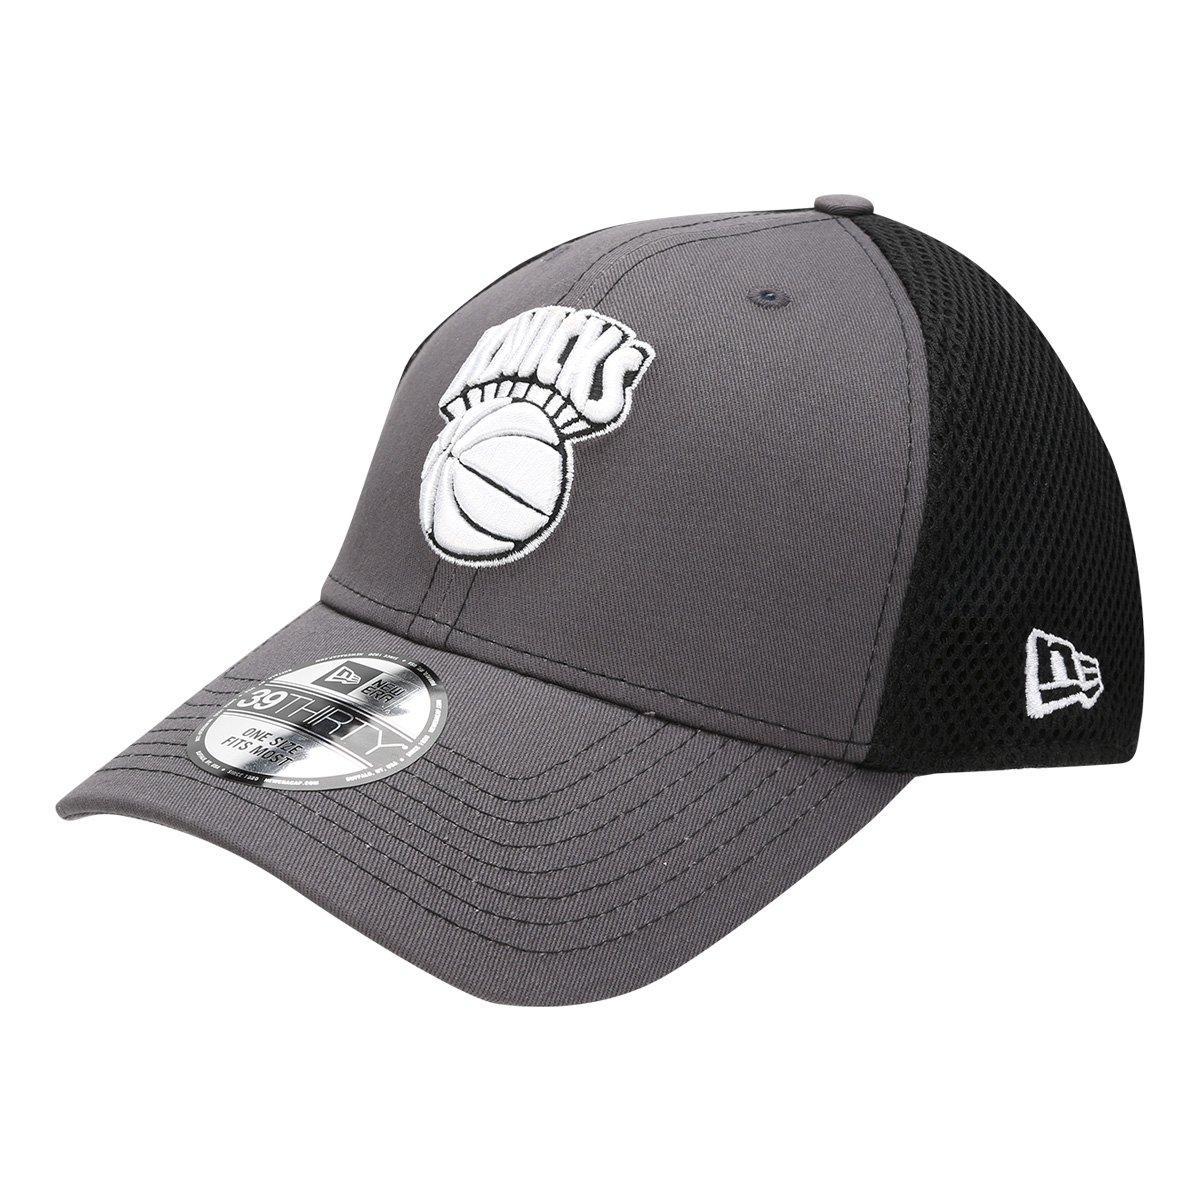 Boné New Era NBA New York Knicks Aba Curva 3930 Neo - Cinza e Preto ... 8594e112ded